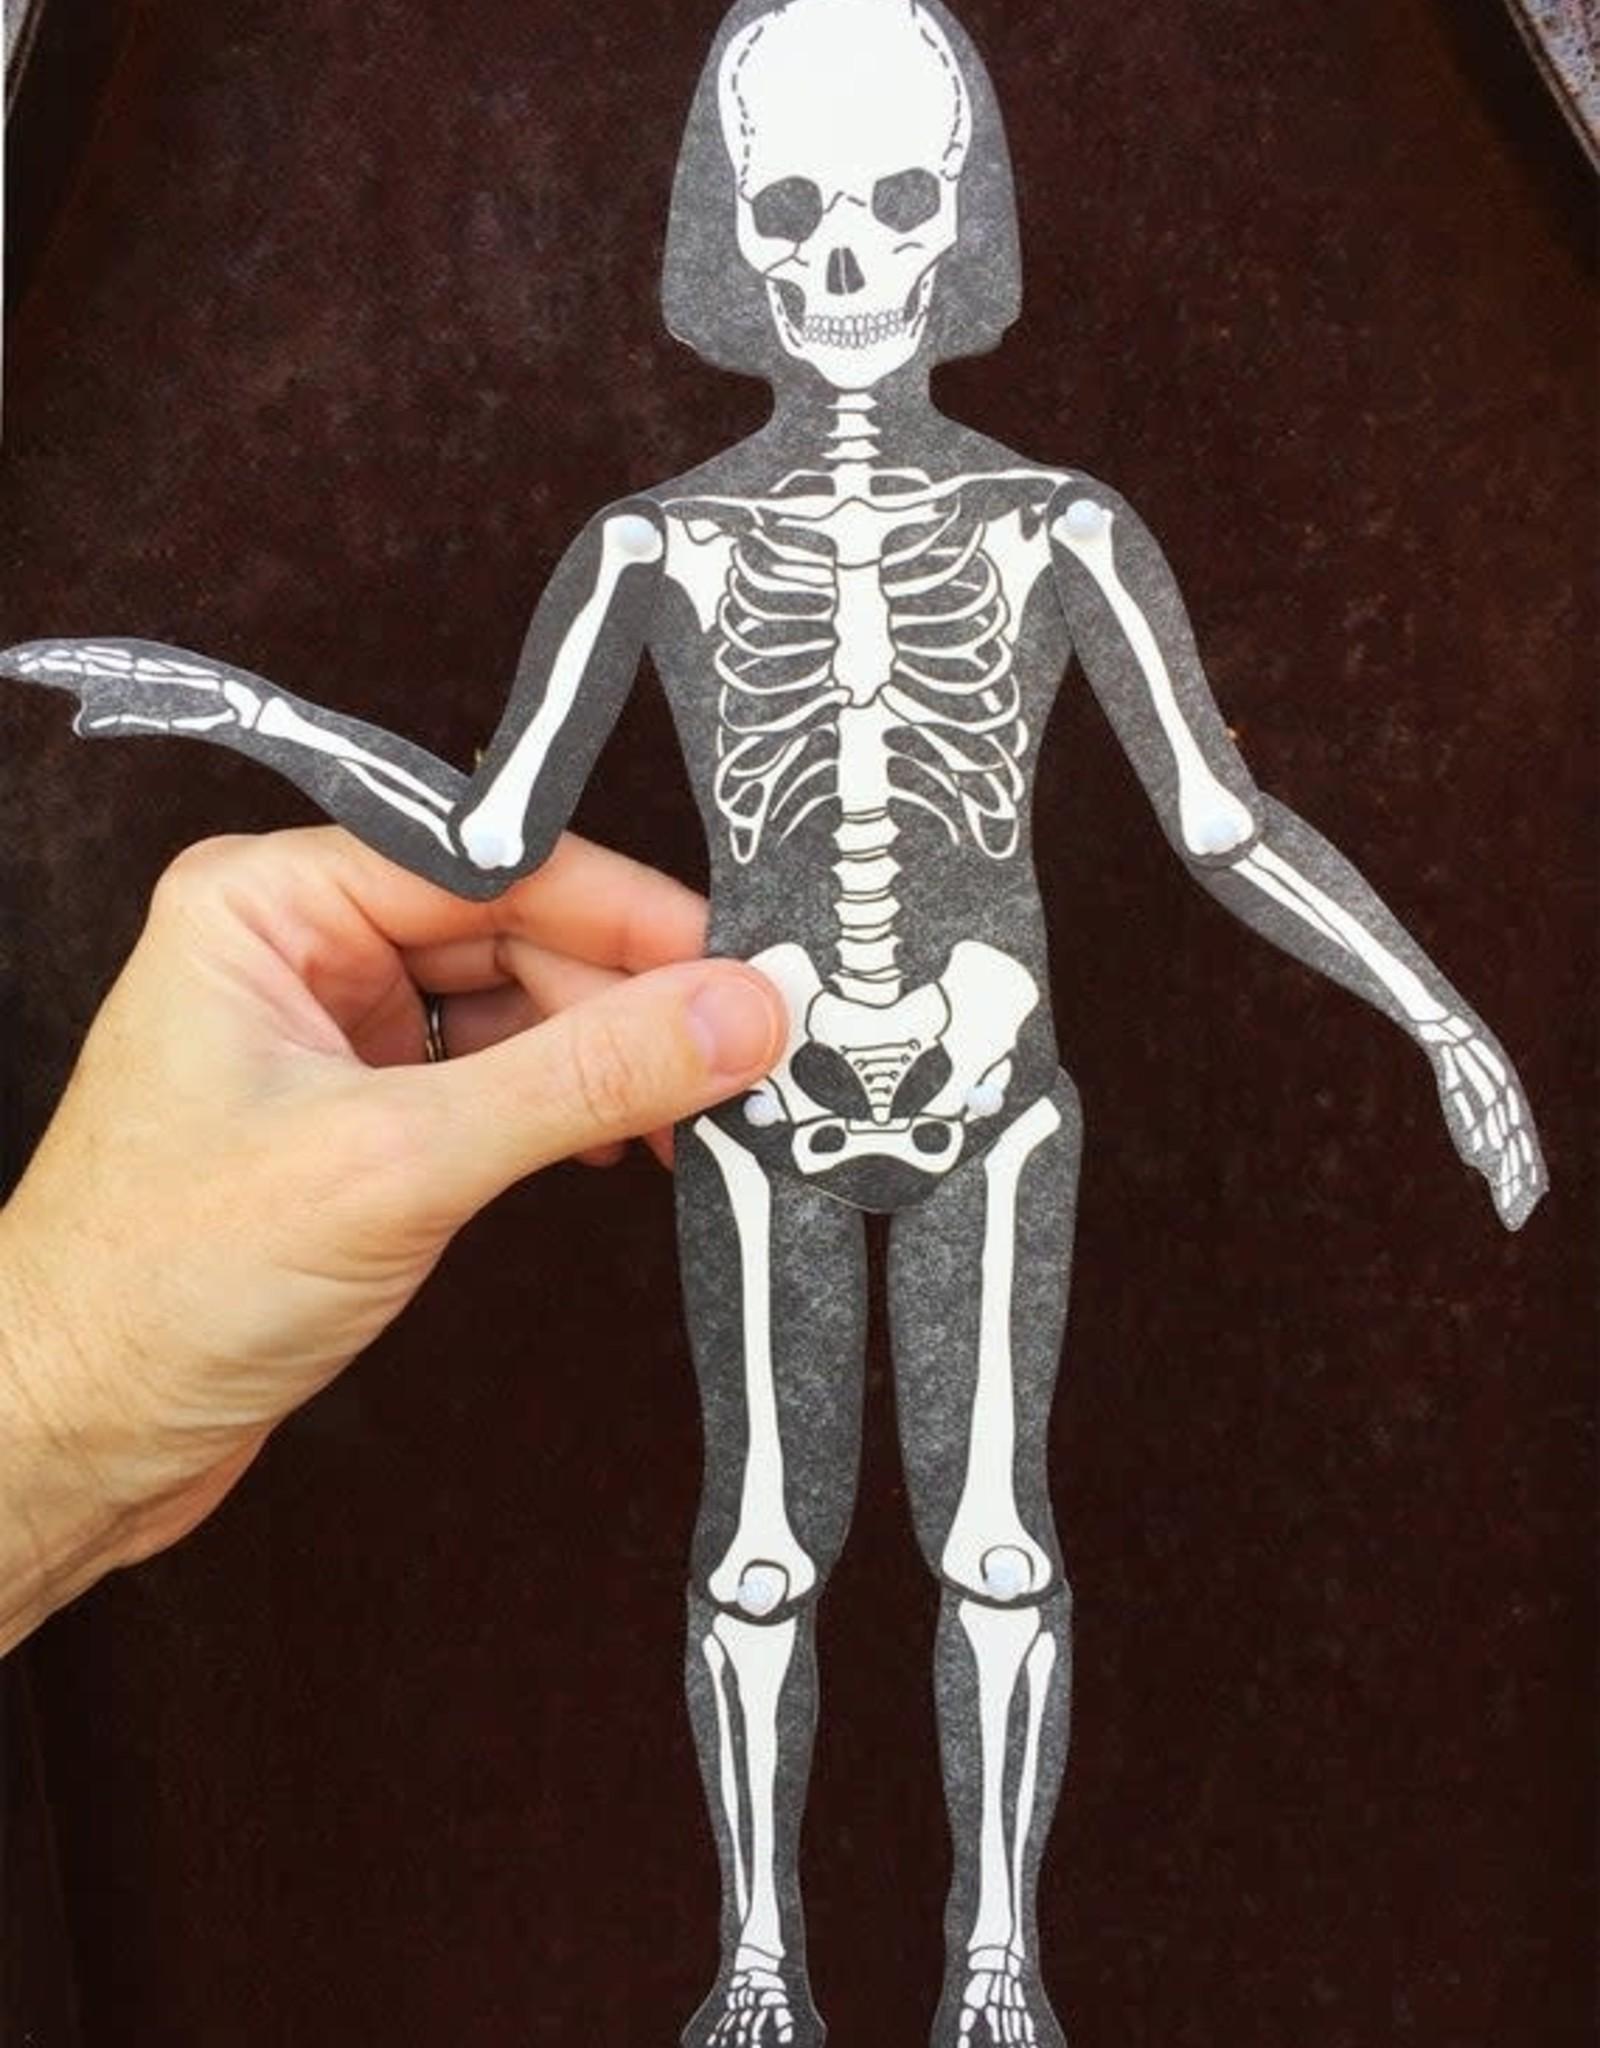 Letterpress Moveable Skeleton - Large Articulating Paper Figure